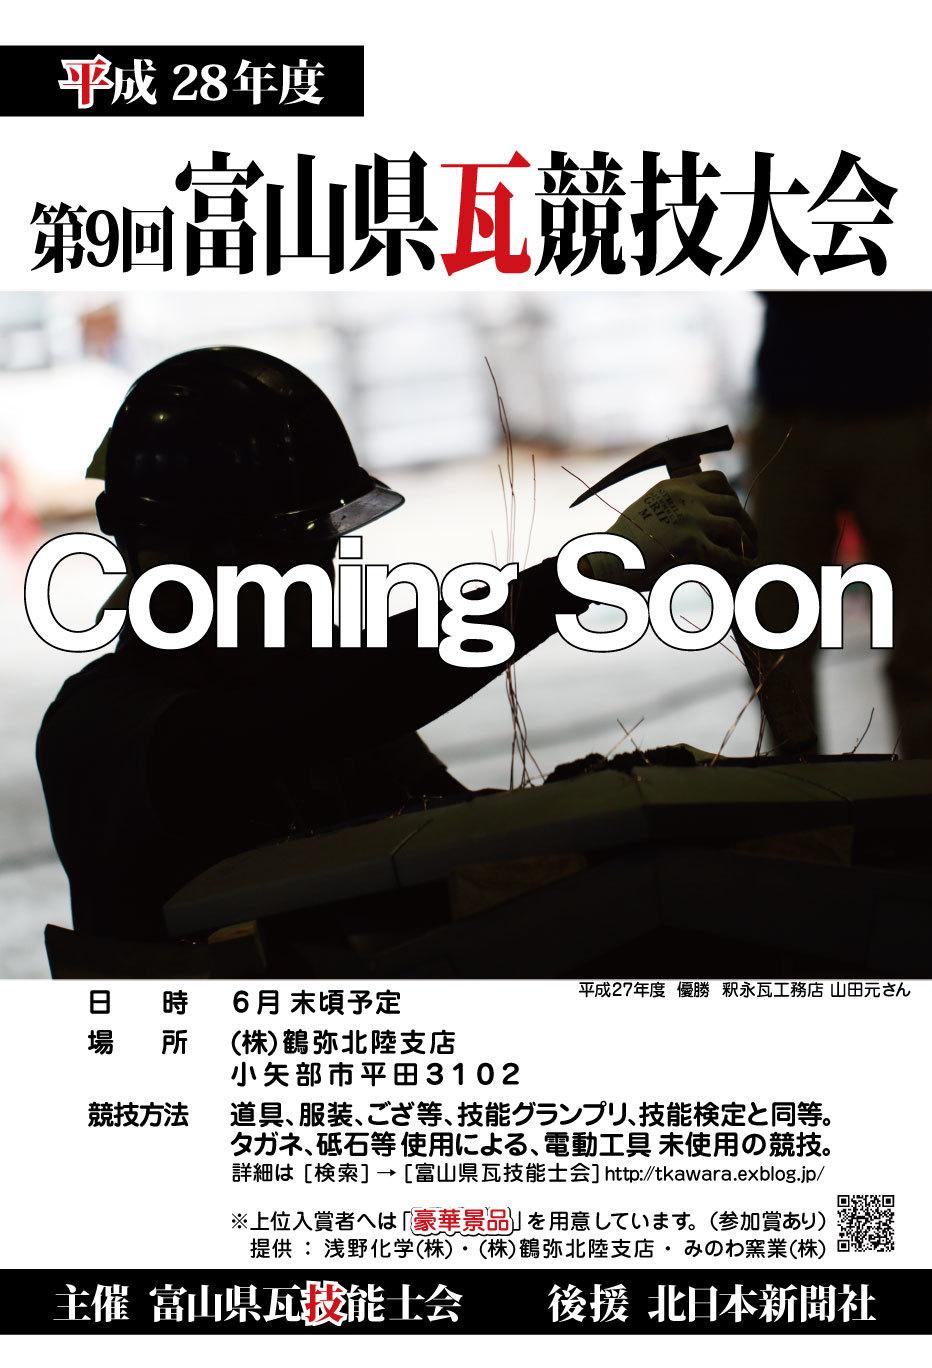 平成28年 富山県瓦競技大会 今年も行います!!_a0127669_00470458.jpg